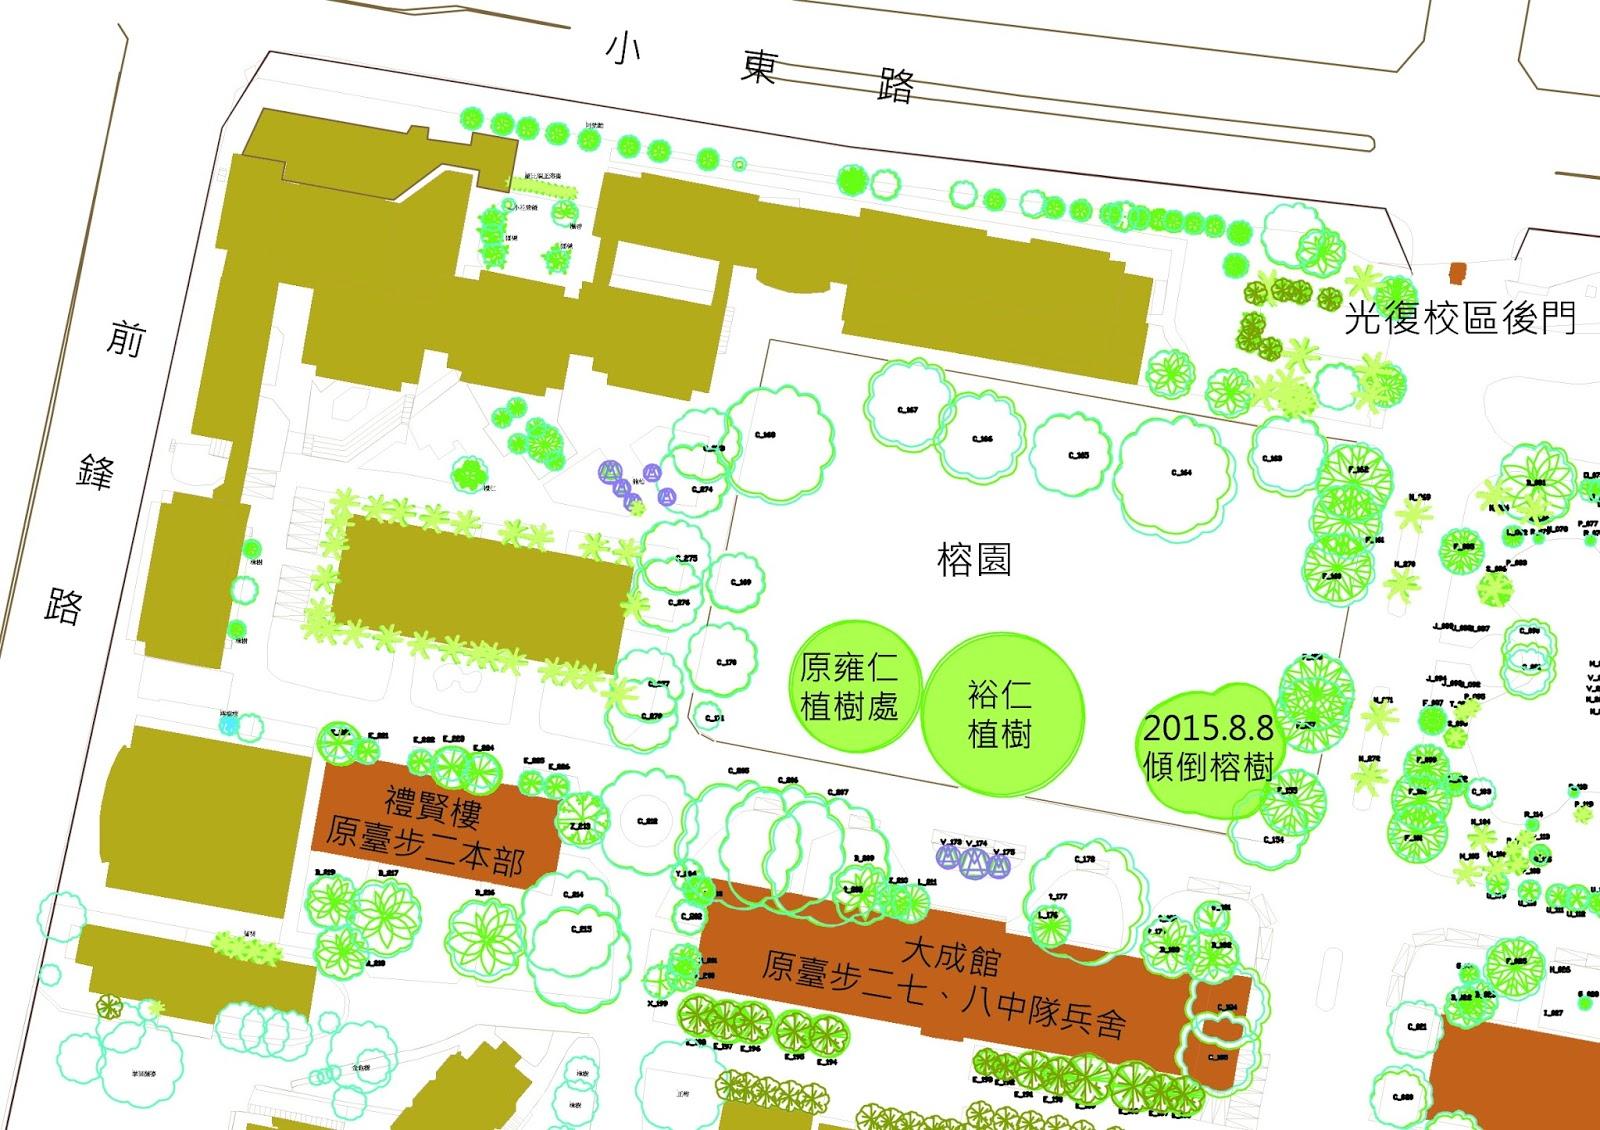 成大有樹: 2015.08.11 成大新聞:成大老榕颱風災受創 校方全力搶救使其原地恢復生機